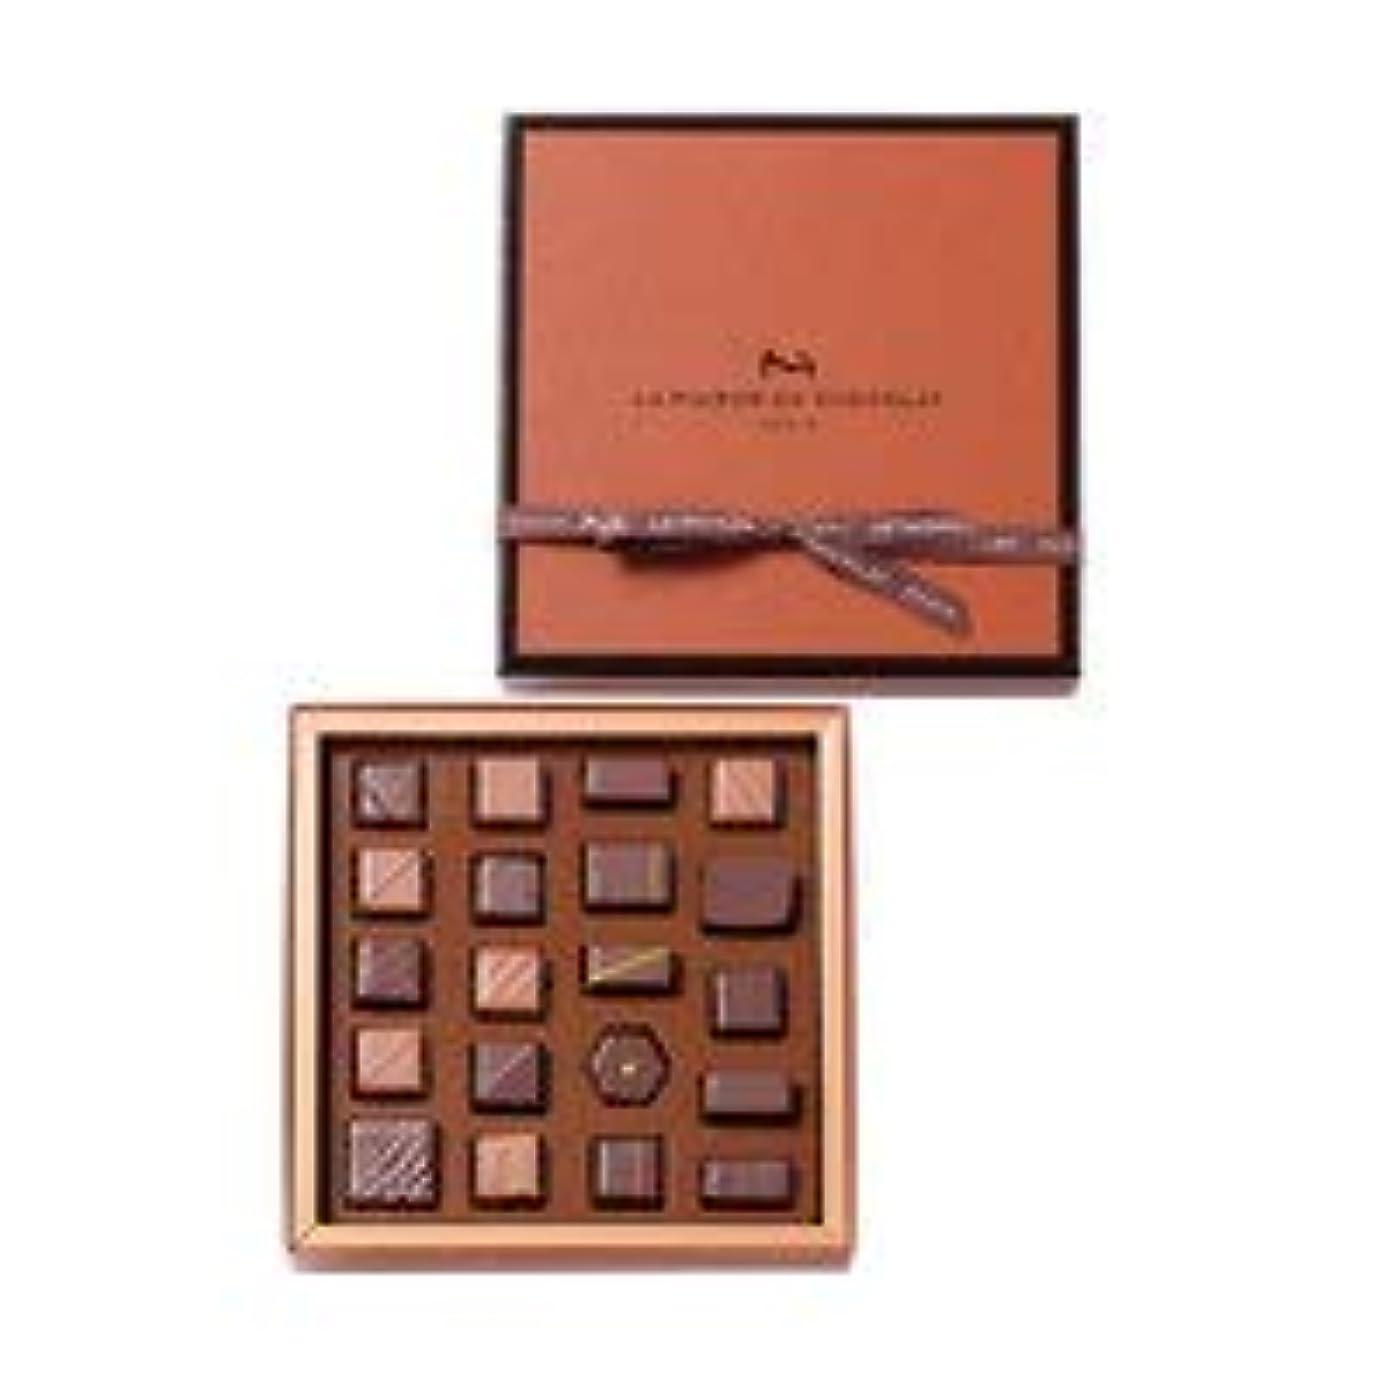 証拠同情魔法メゾンデュショコラ LA MAISON DU CHOCOLAT イニシアッション 20粒入 チョコレート ホワイトデー ギフト